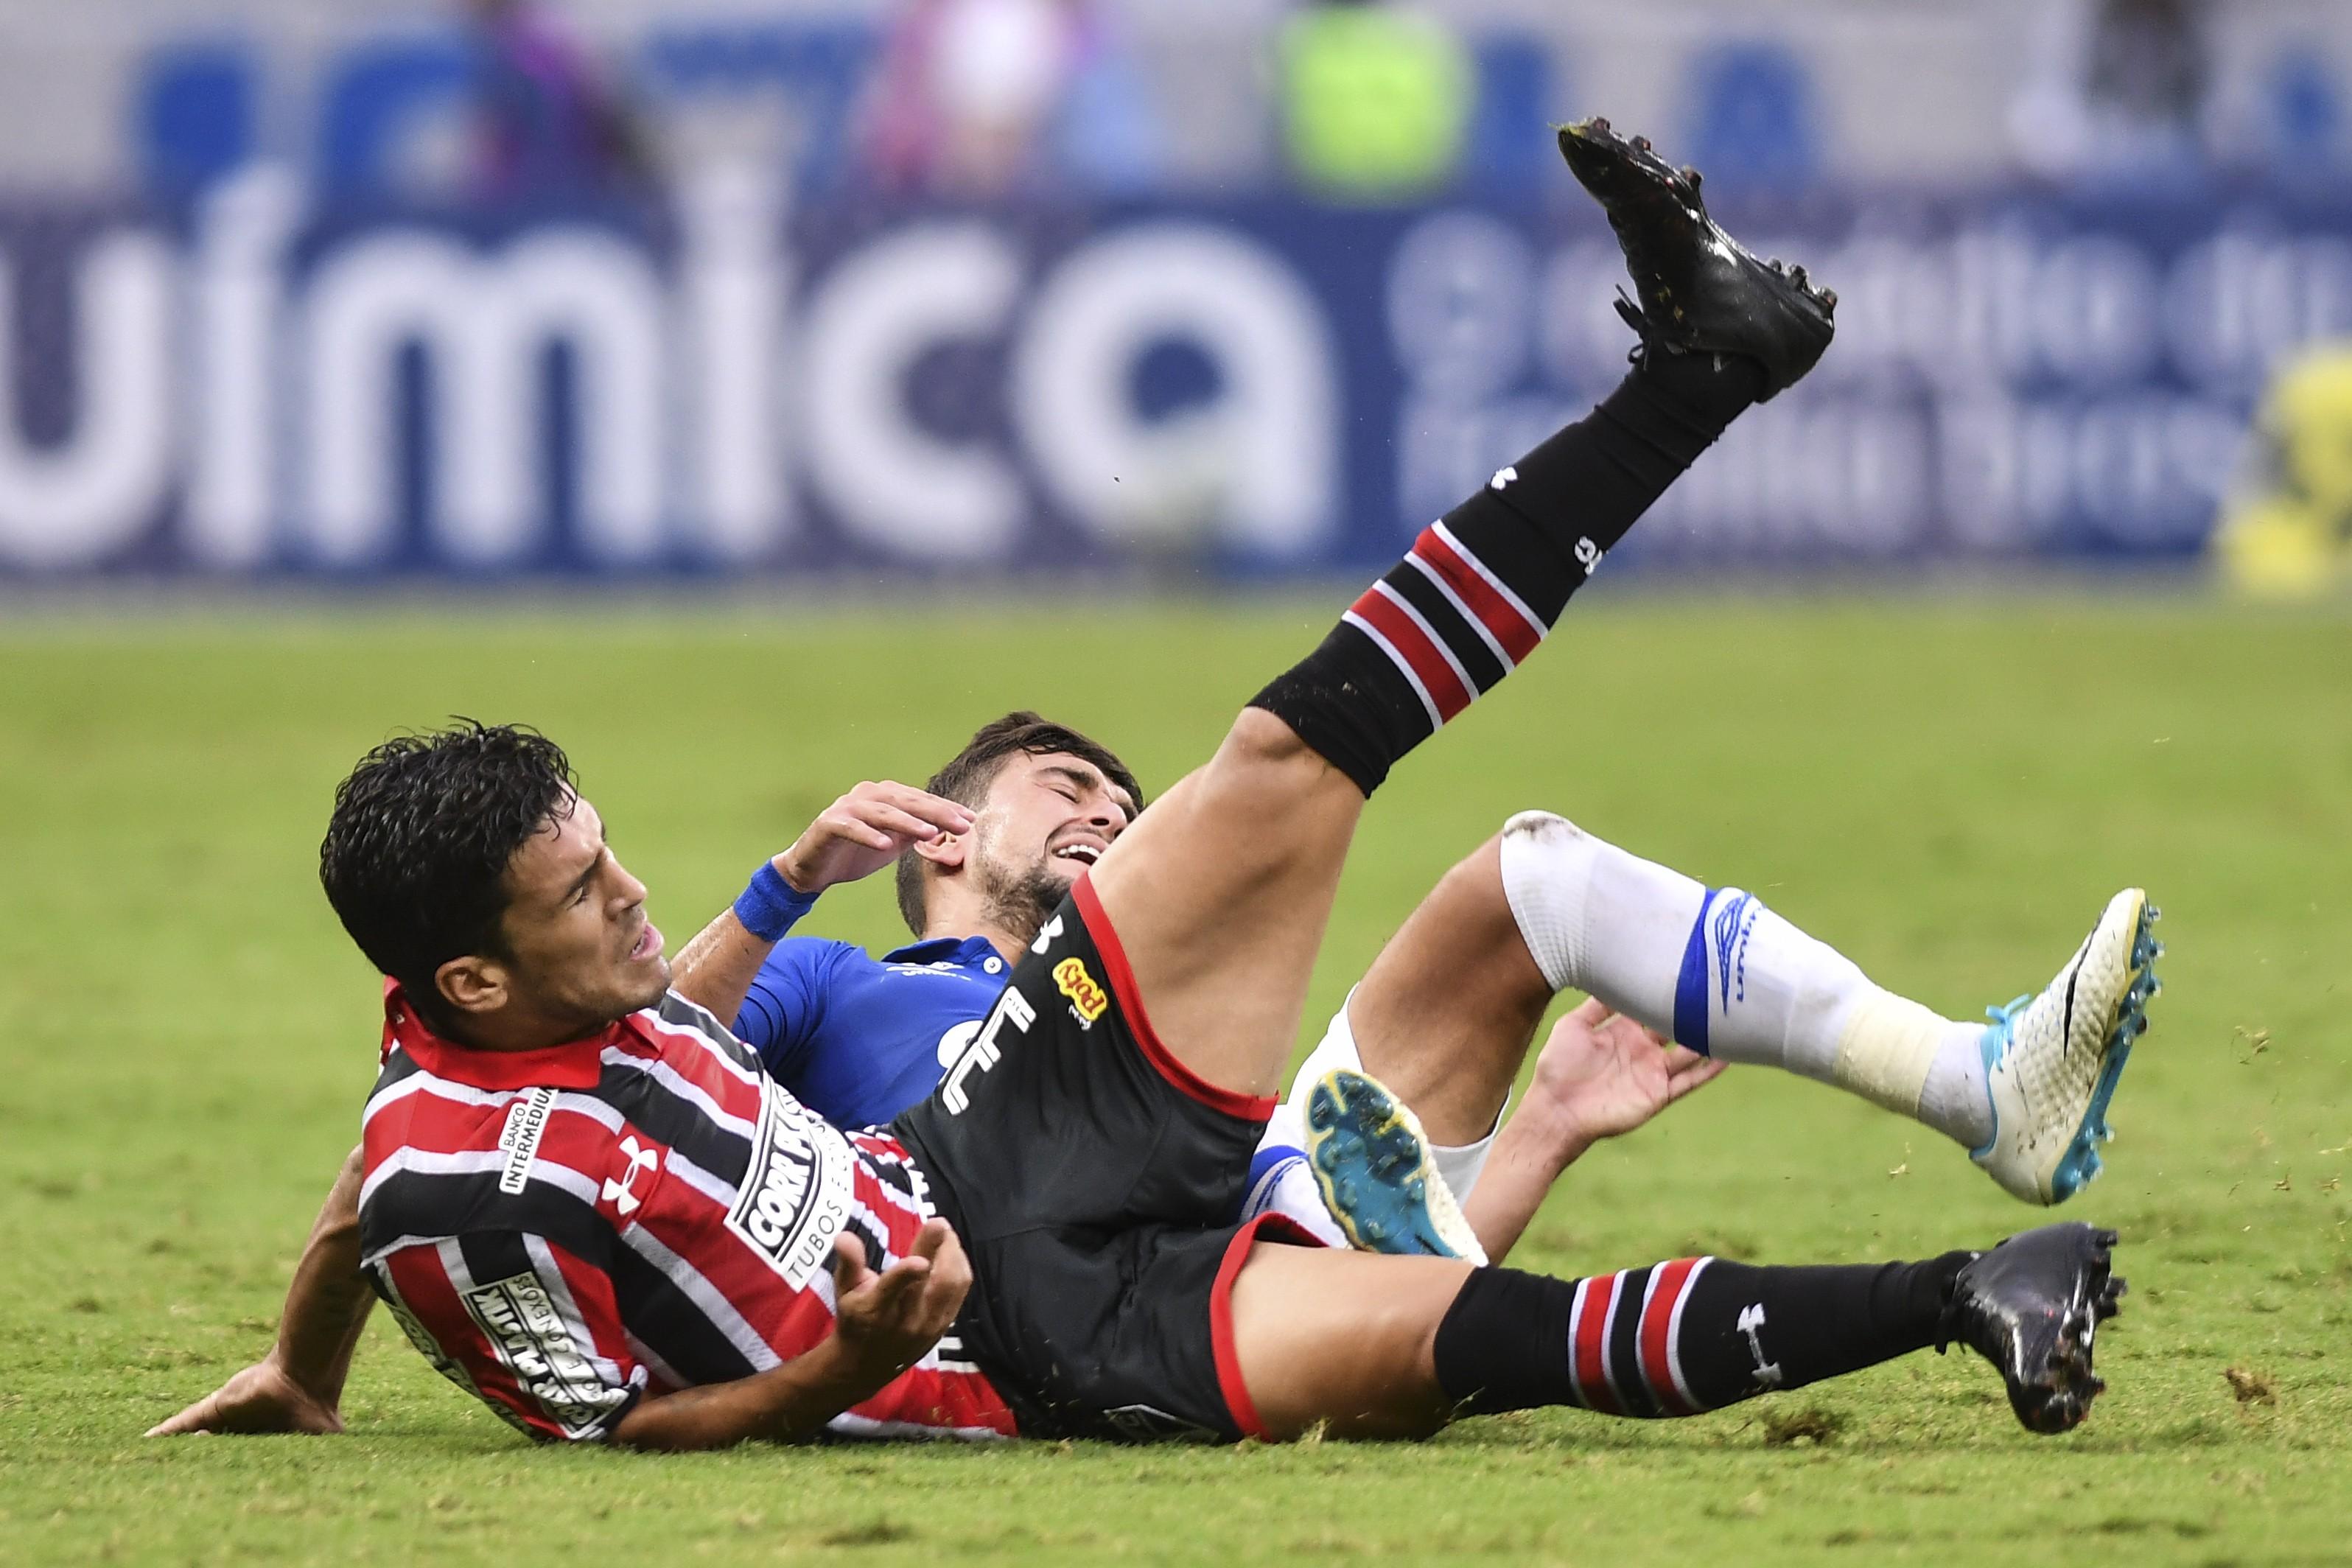 Marcinho, do São Paulo, e Arrascaeta, do Cruzeiro, se trombam e caem durante partida da primeira rodada do Campeonato Brasileiro (Foto: Getty Images/ Pedro Vilela)